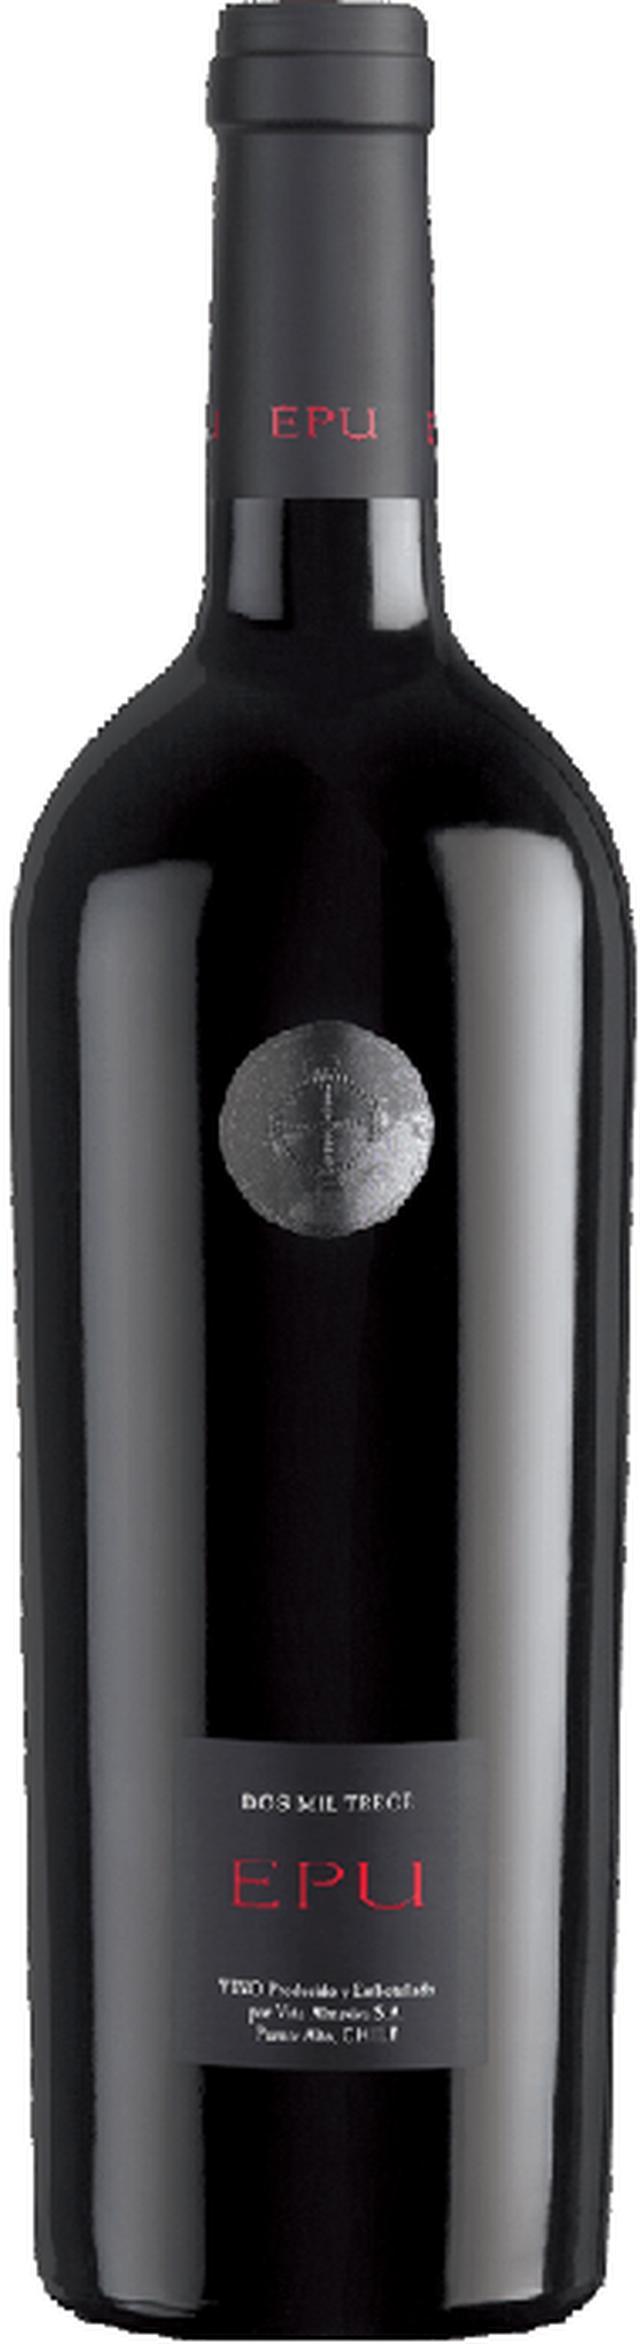 画像2: プレミアムチリワイン「アルマヴィーヴァ」ALMAVIVA。チリのテロワールとボルドーの技術が出合い 生まれたプレミアムチリ